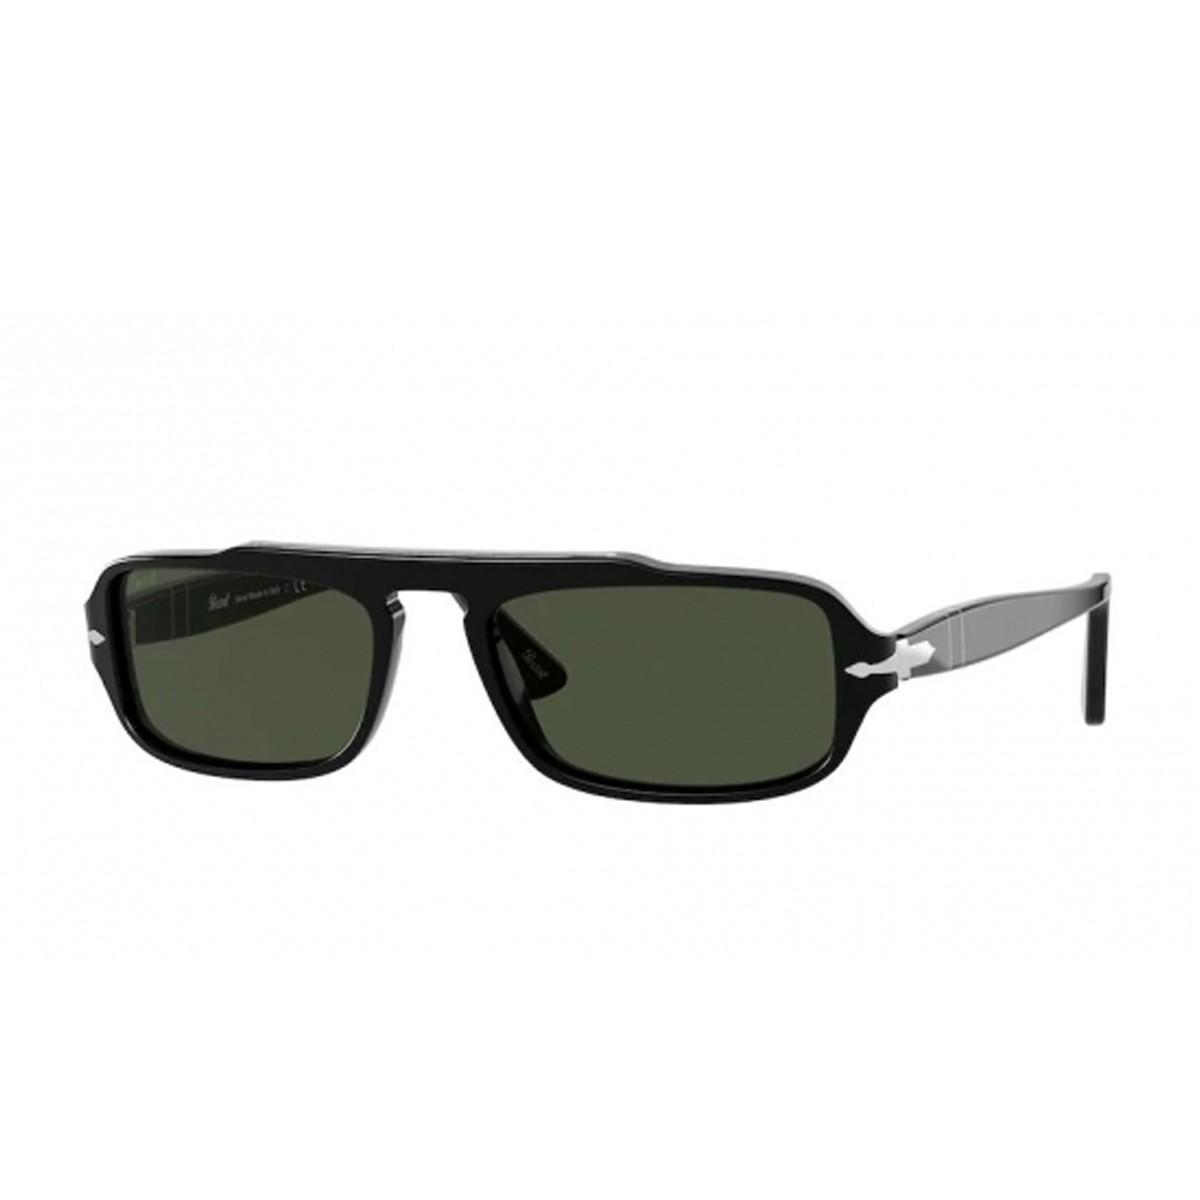 Persol PO3262S   Men's sunglasses